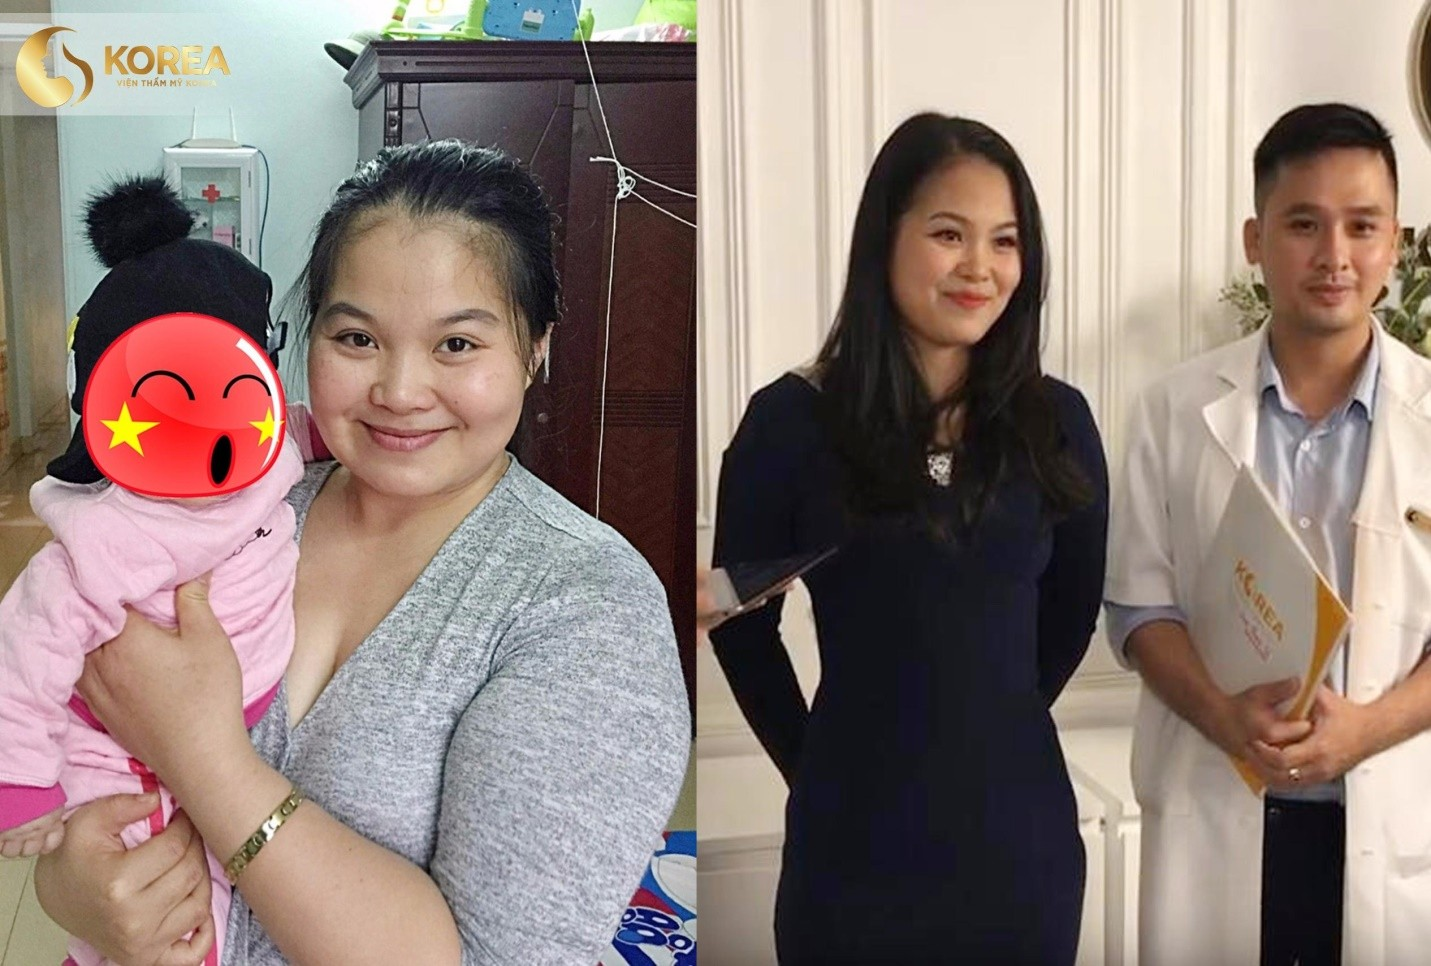 2 lần sinh là 2 lần trầm cảm vì béo – mẹ đơn thân tìm được hạnh phúc mới sau liệu trình tại Korea 3